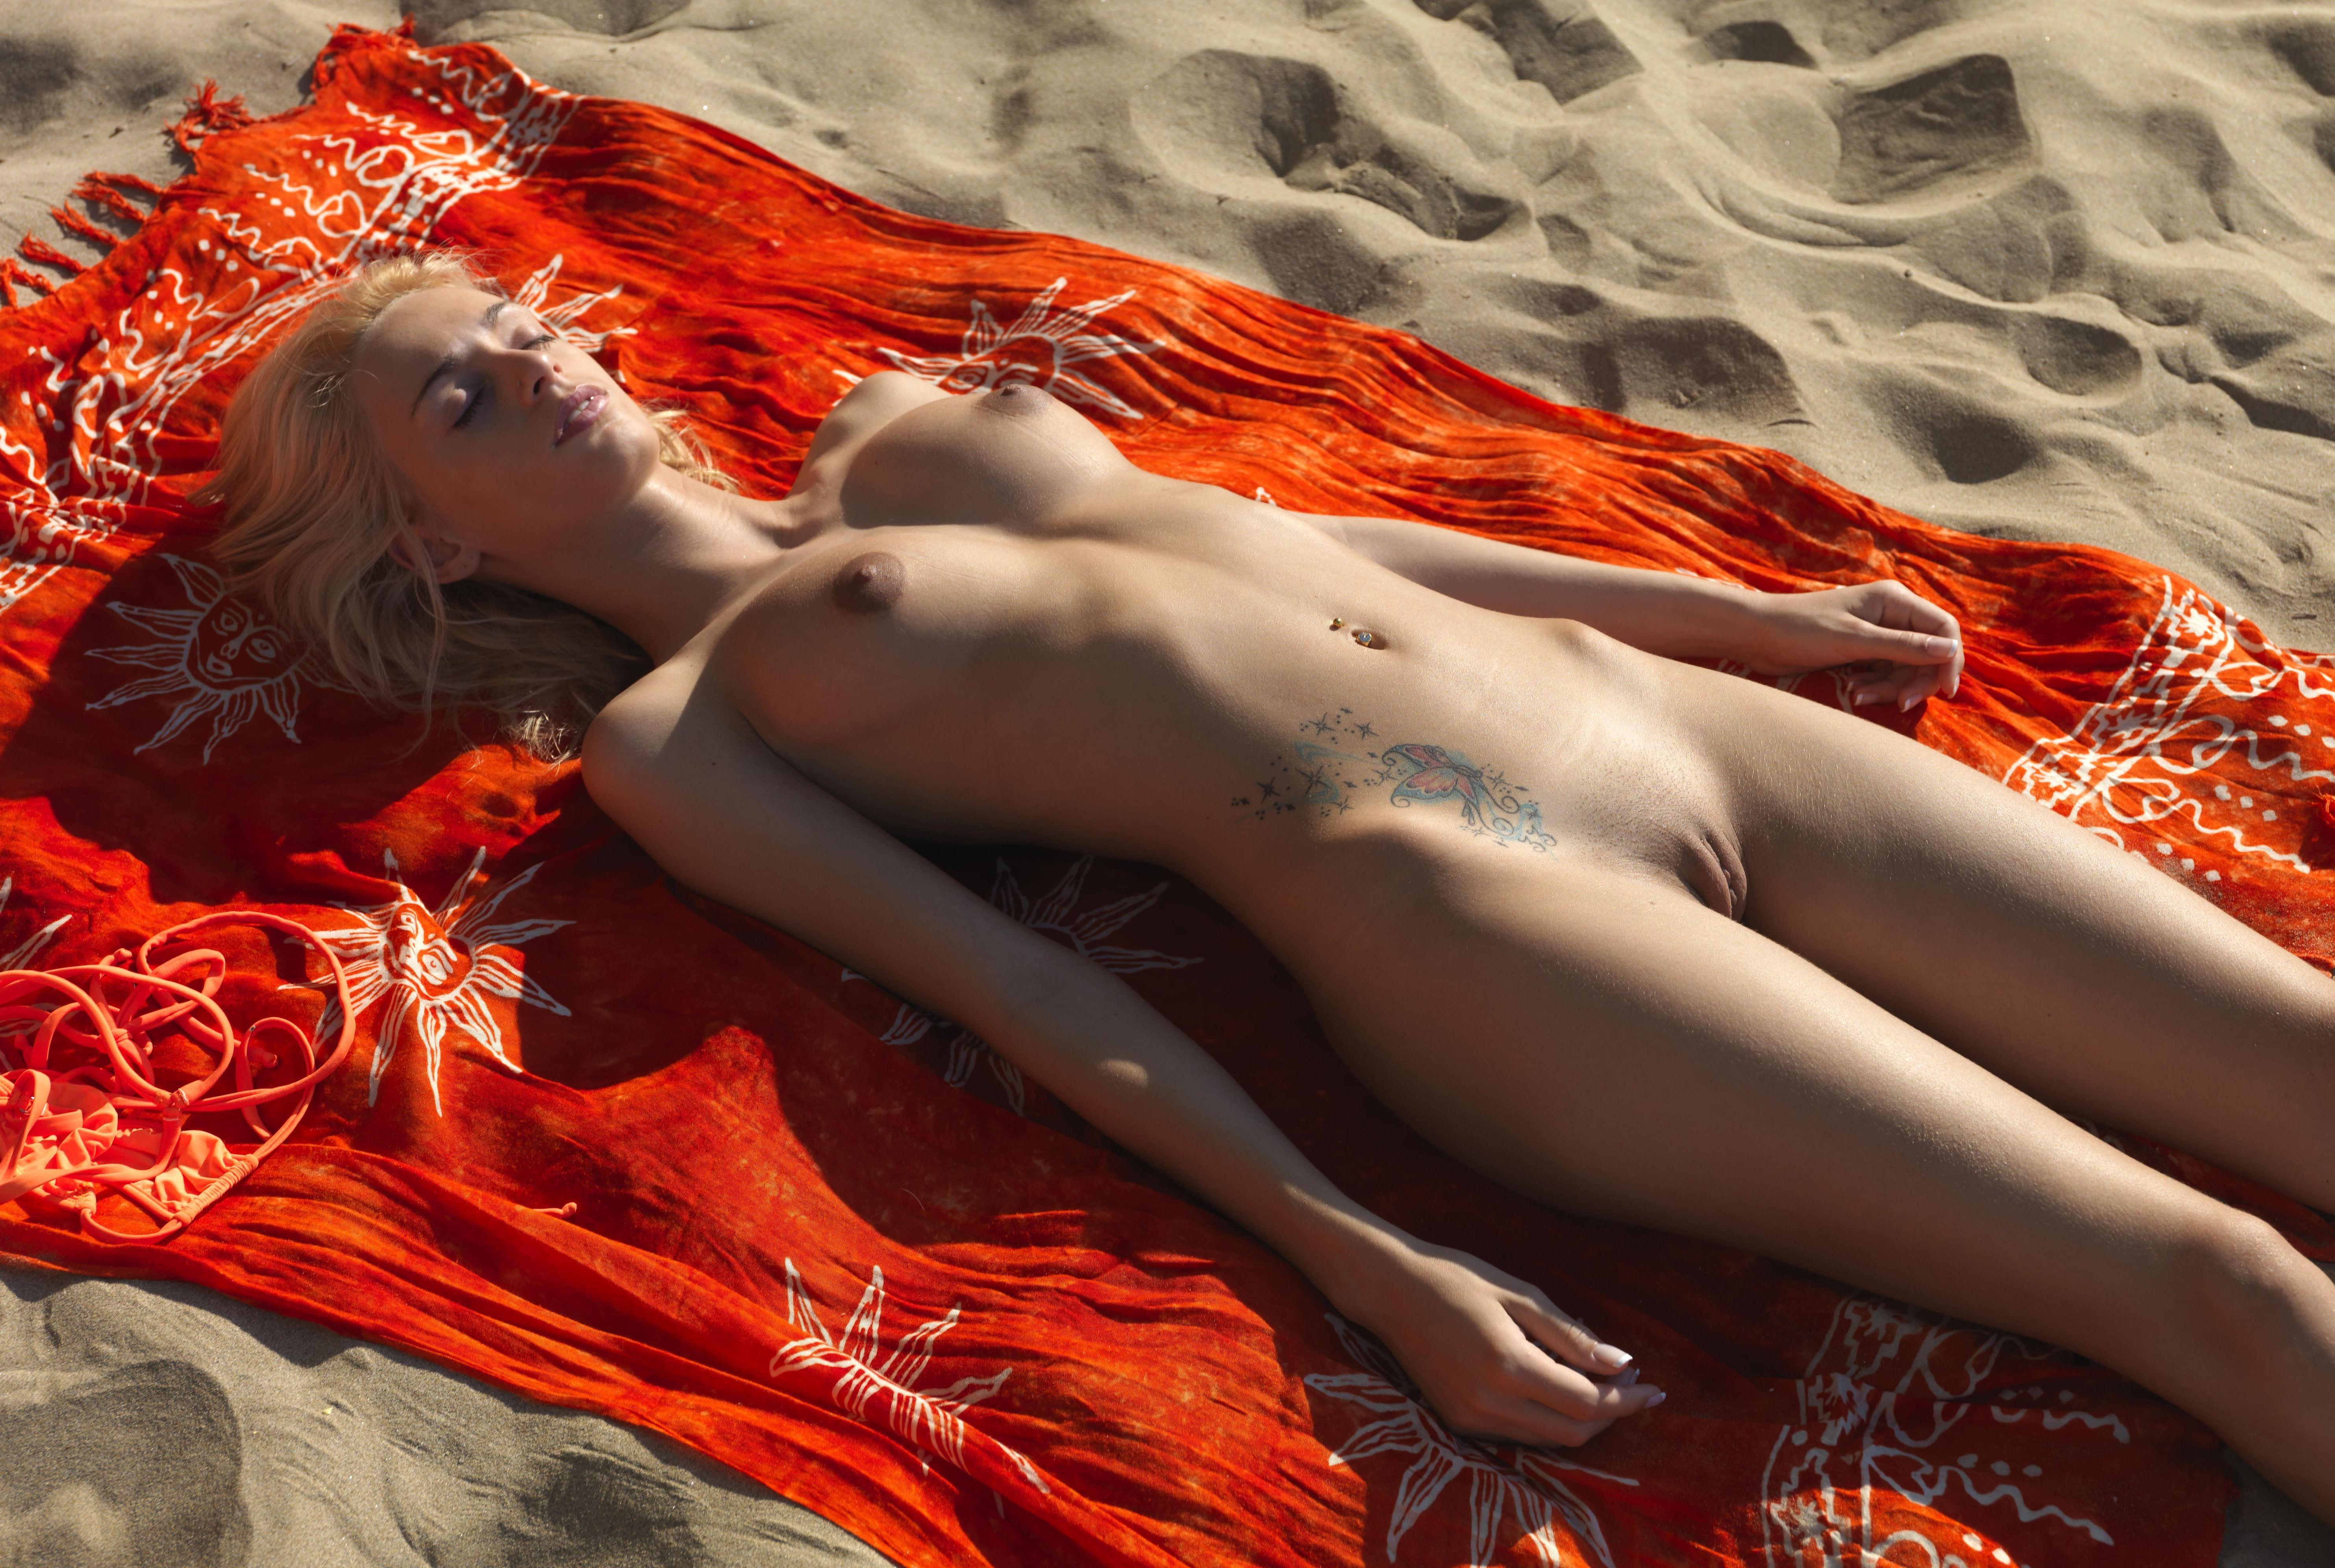 Фото Голая блондинка уснула на пляже, соски набухли,тату на животе, горячий песок, бритая киска, сочная пизда молодой девчонки на пляже, скачать картинку бесплатно